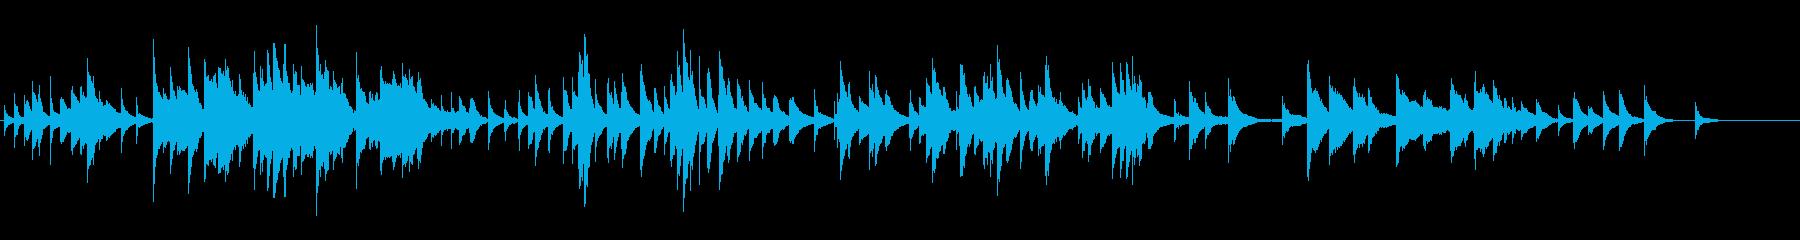 アンニュイな雰囲気、ハープソロ 前奏曲の再生済みの波形